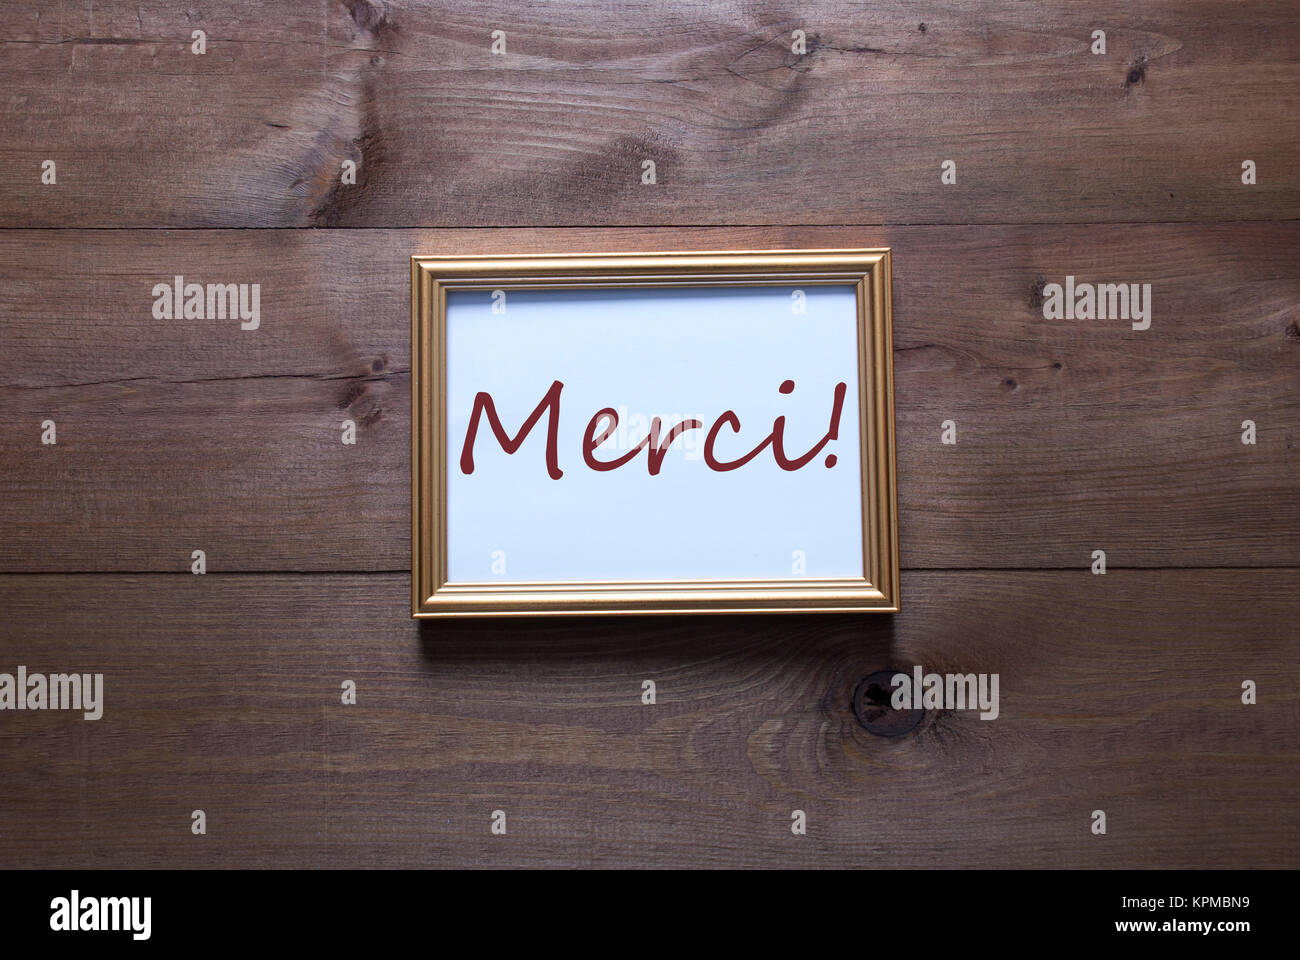 Vector Thank You Frame Stockfotos & Vector Thank You Frame Bilder ...